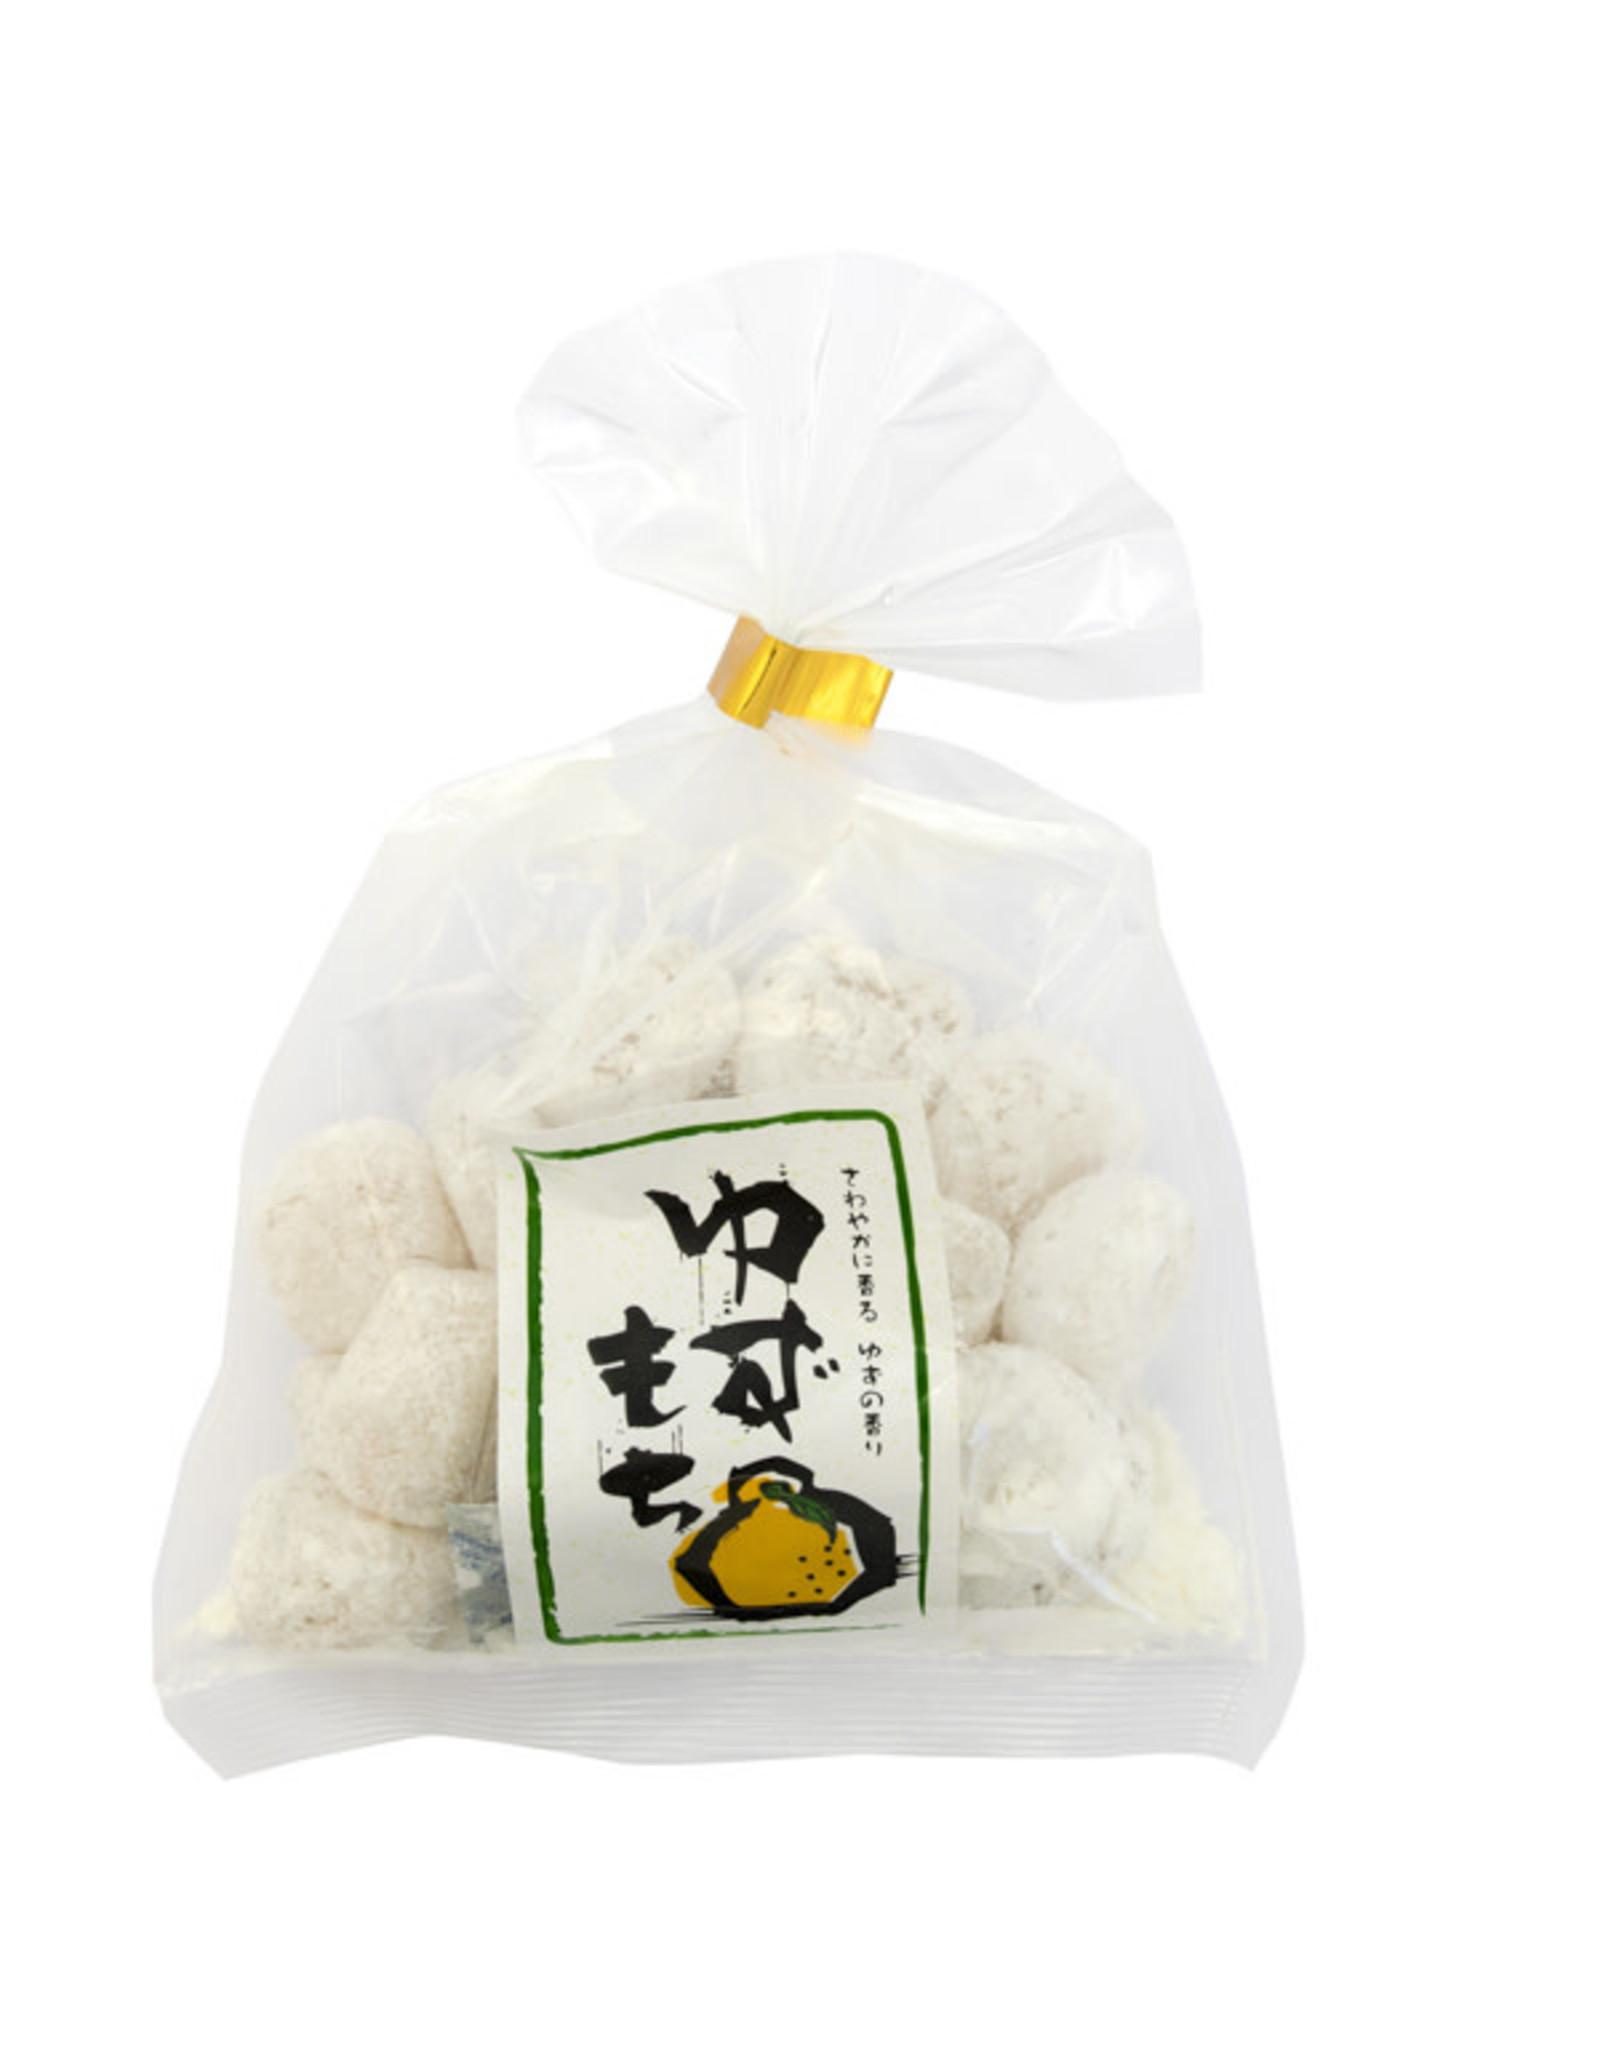 Yuzu Mochi Rijstcake - 250g